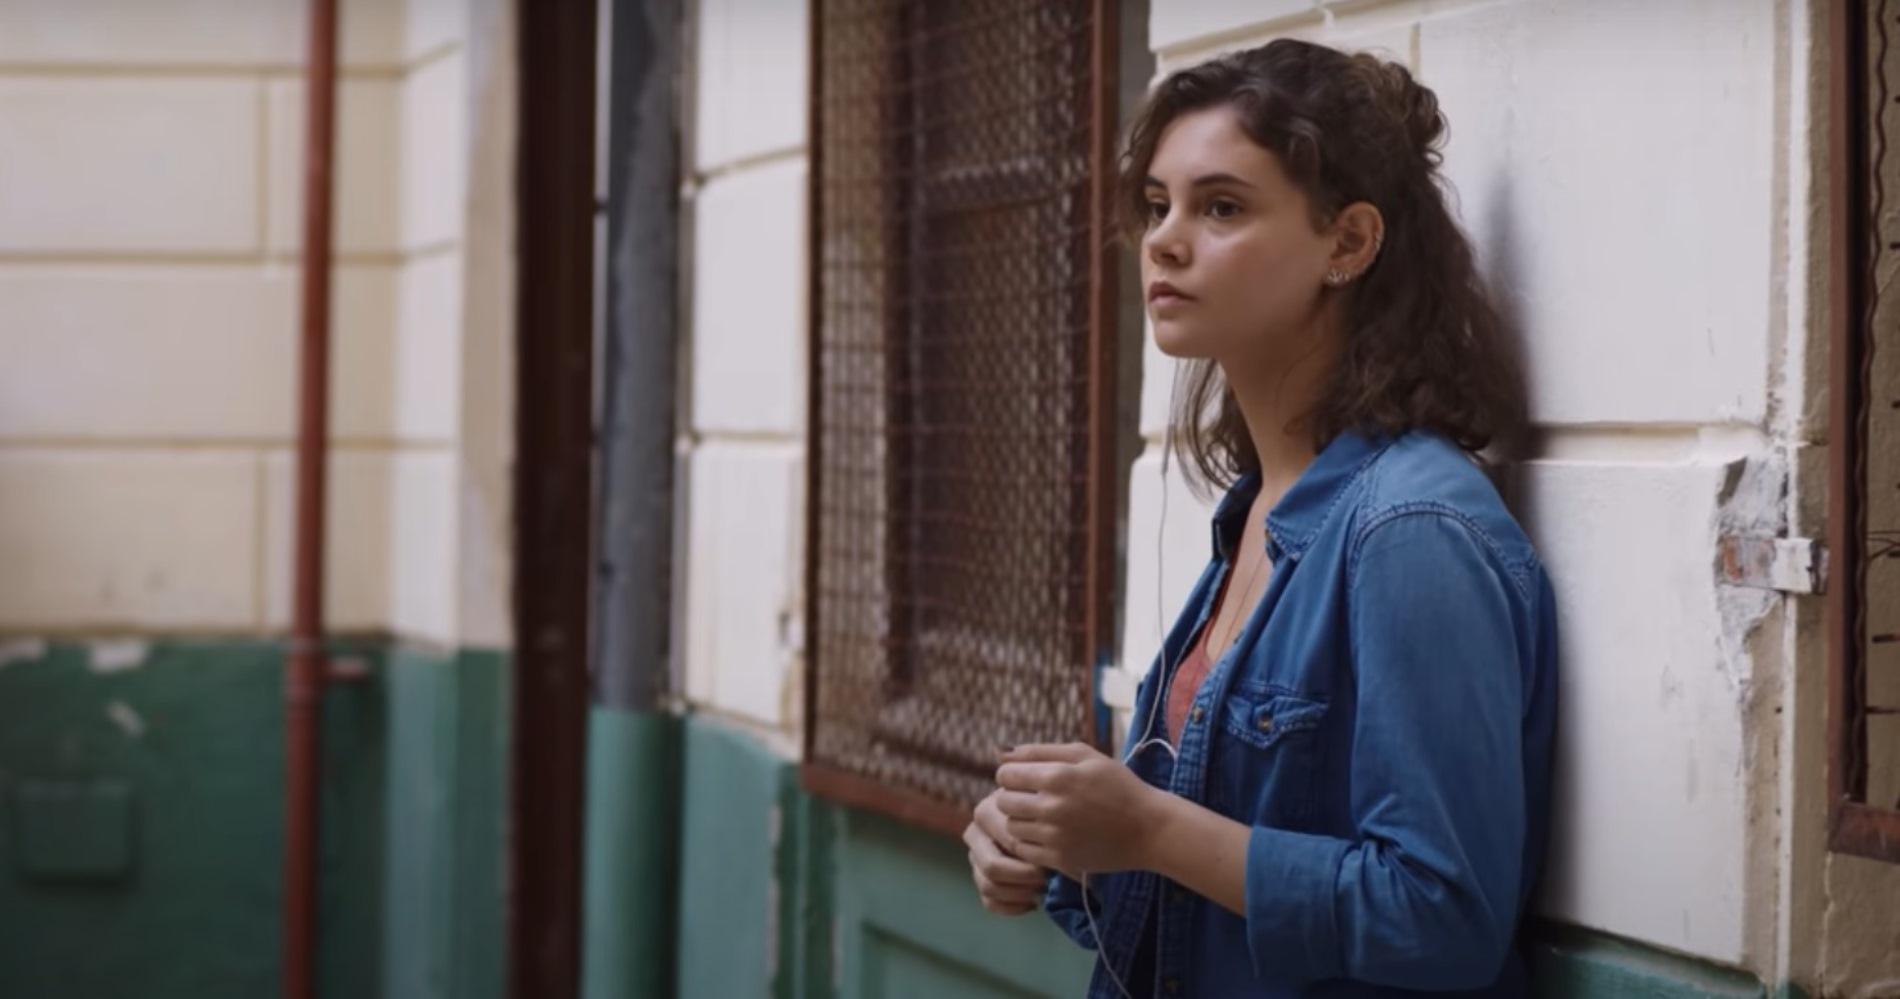 """<span class=""""entry-title-primary"""">Intervista a Elvira Camarrone, la star del nuovo film Netflix """"Sulla stessa onda""""</span> <span class=""""entry-subtitle"""">""""Molto più di un teen drama"""", è così che Elvira definisce Sulla stessa onda, il nuovo progetto Netflix tutto italiano in uscita il 25 marzo.</span>"""